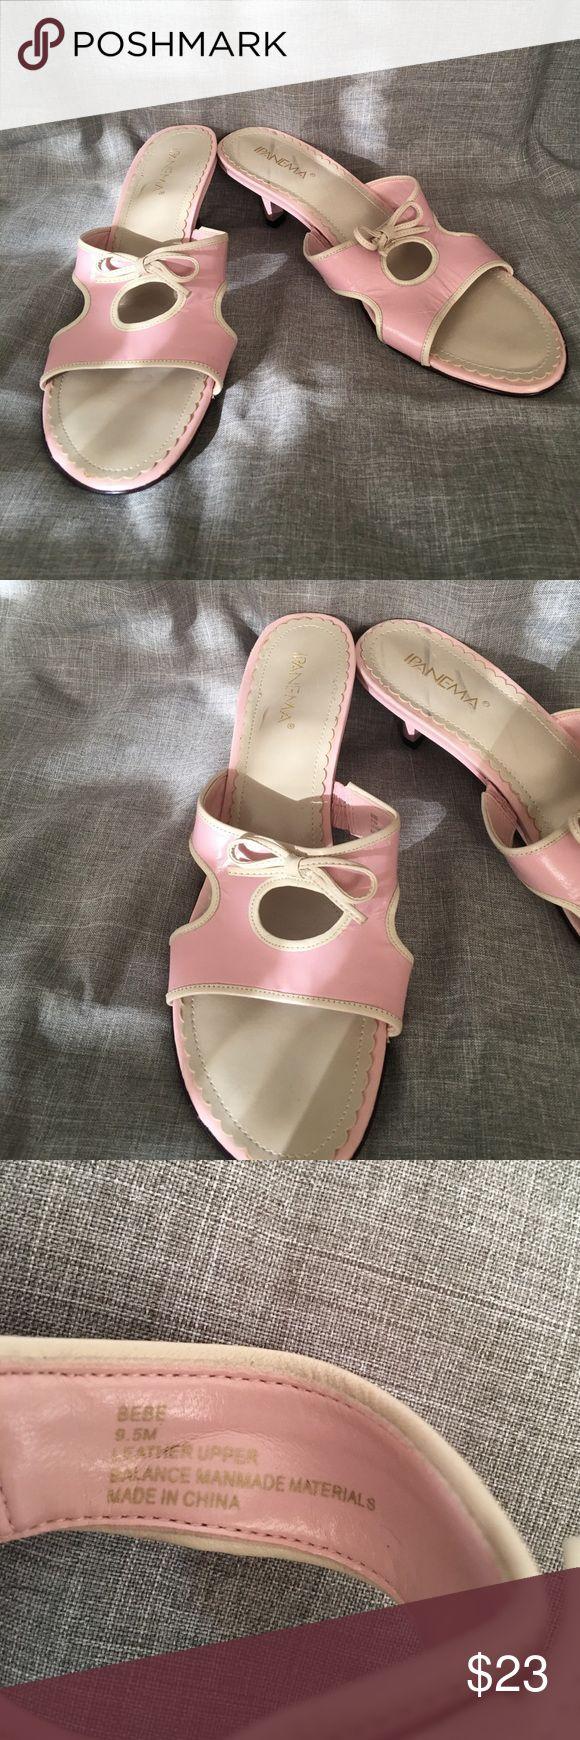 1000  ideas about Kitten Heel Sandals on Pinterest   Kitten heel